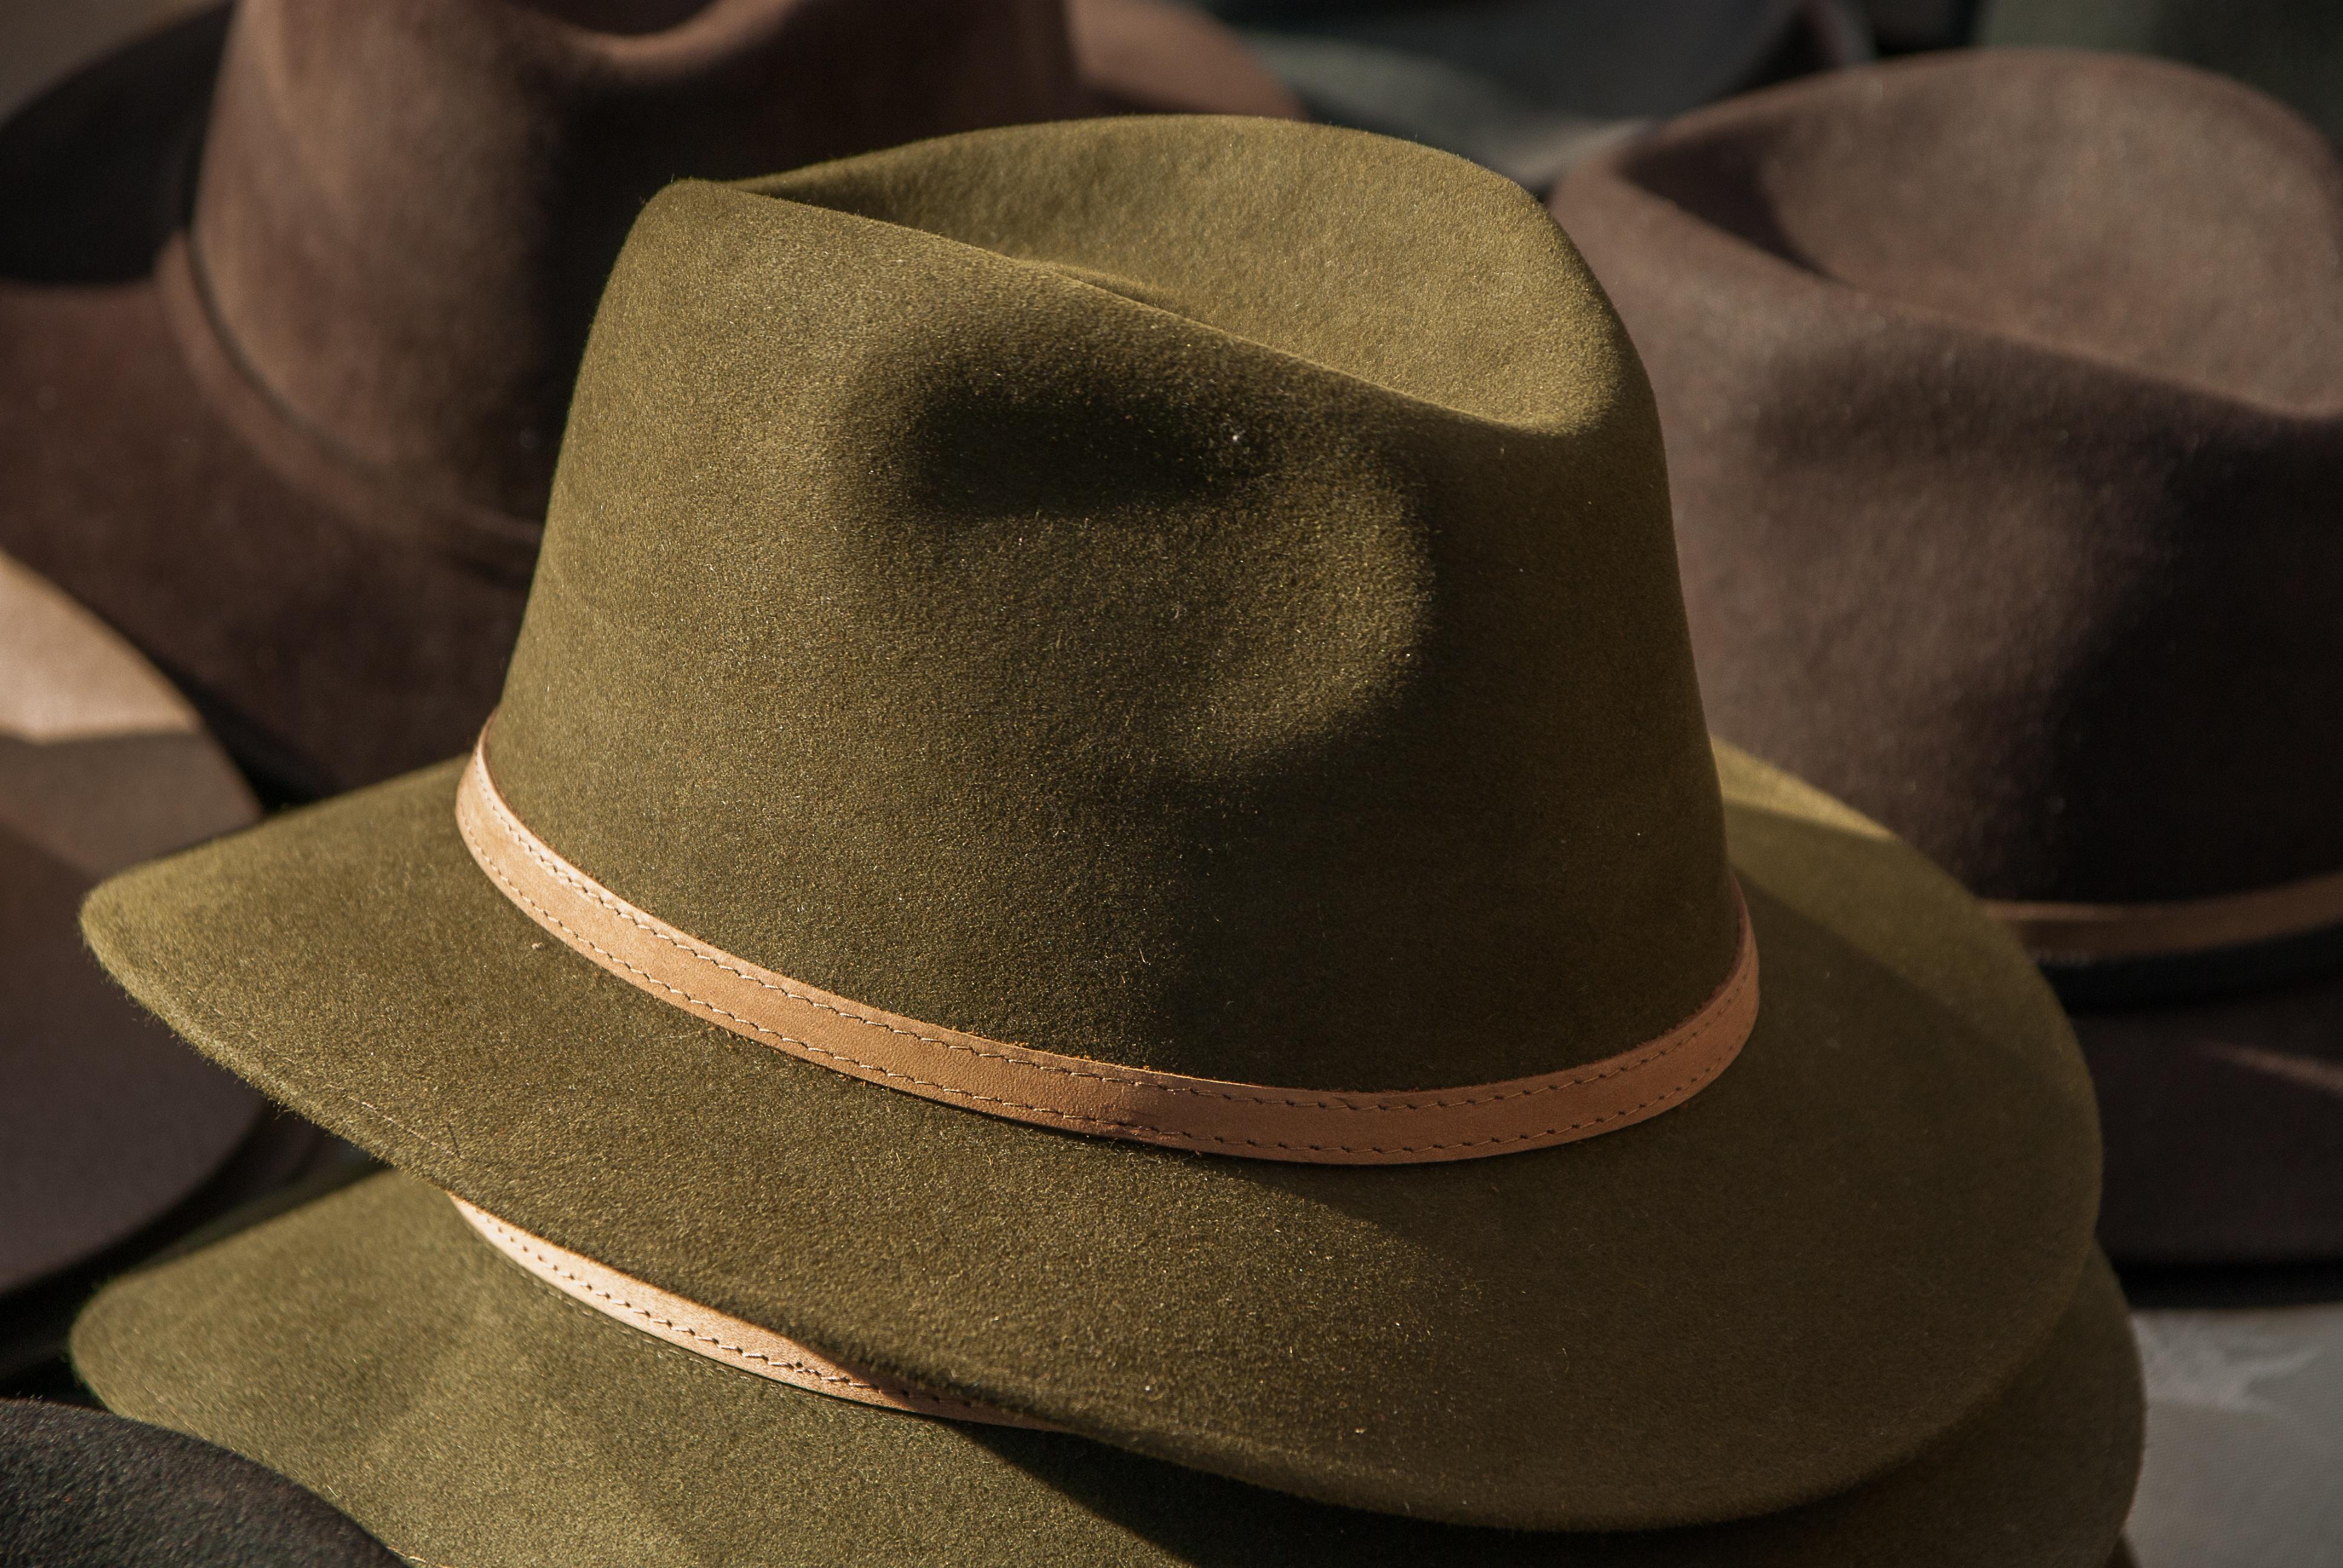 hnědý čepice oblečení pokrývka hlavy víčko fedora cítil kovbojský klobouk  pánské oblečení módní doplněk 9b75fc794d